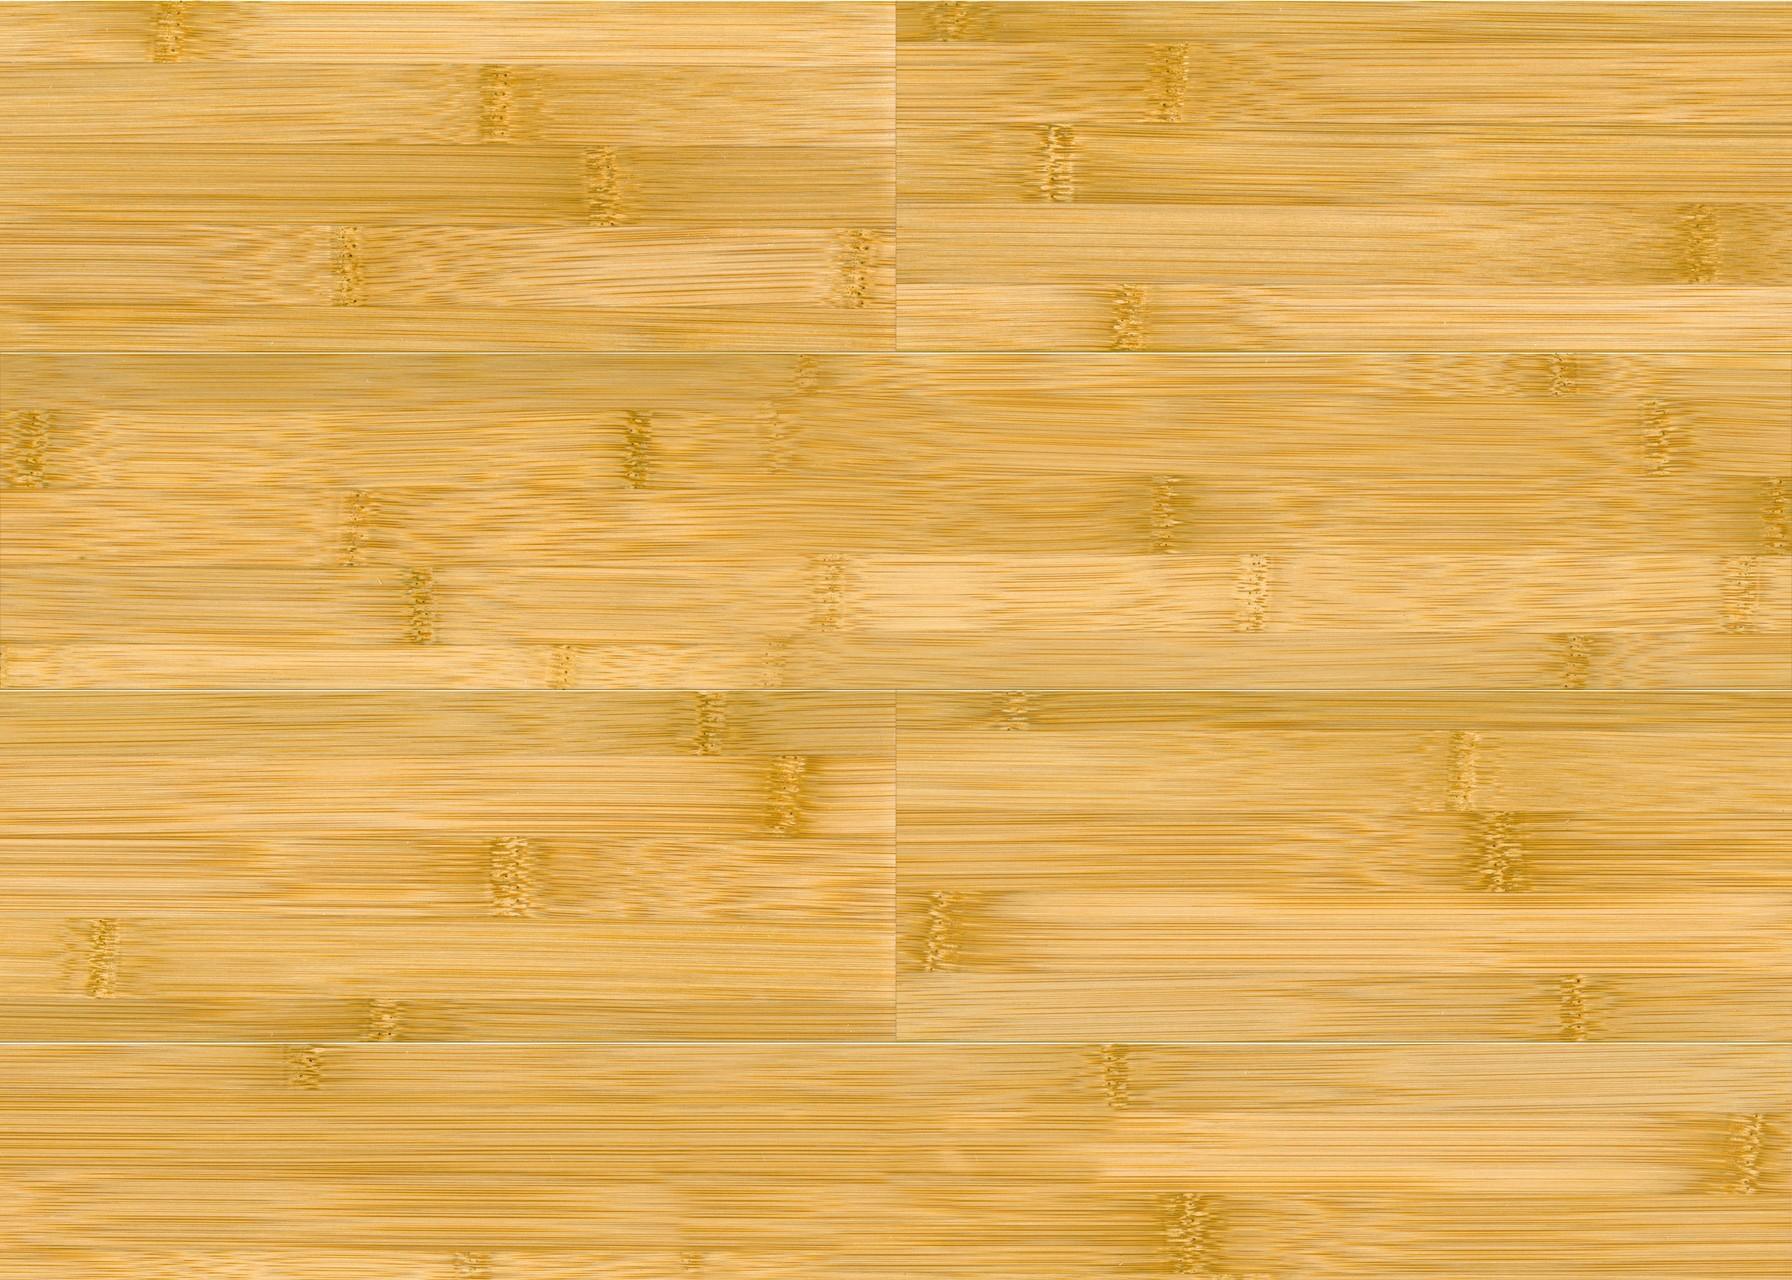 бамбук кофе горизонтальный